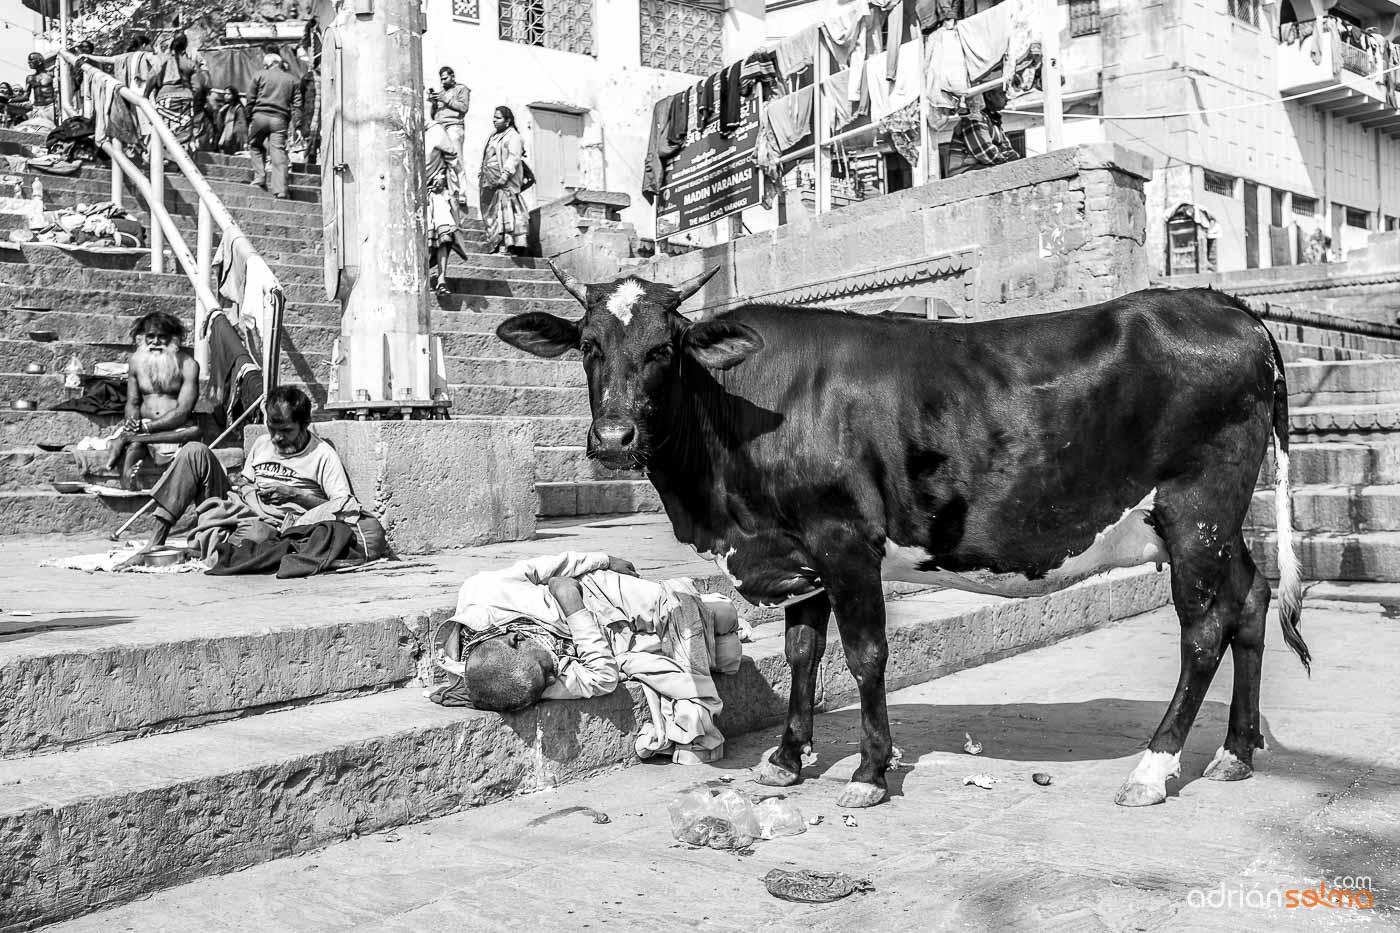 Las vacas sagradas deambulan por las calles de la India. Varanassi